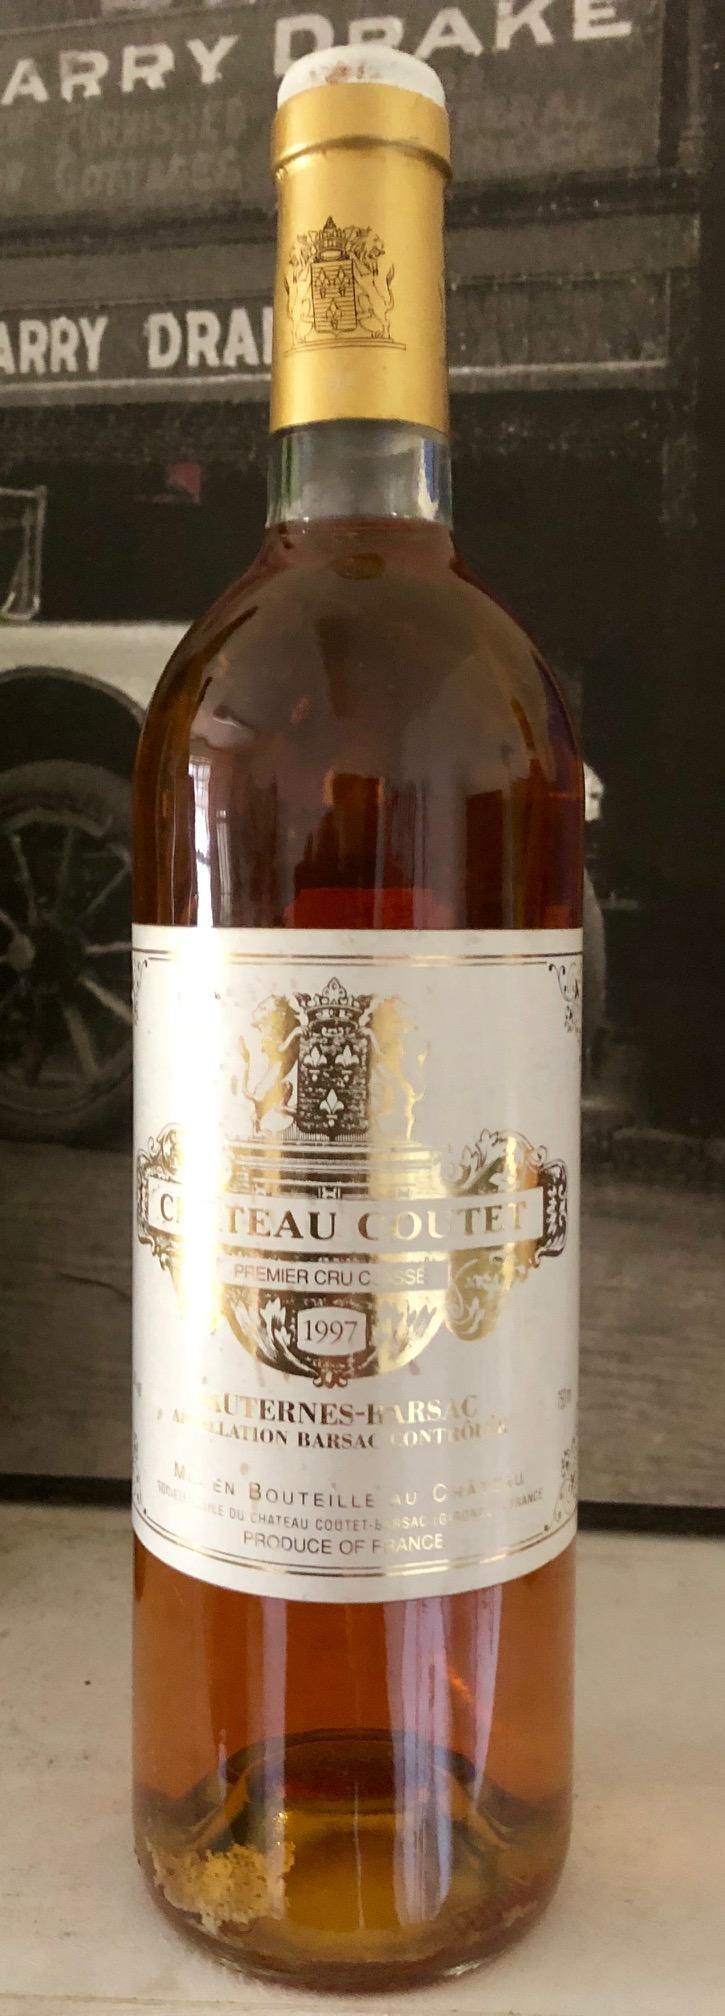 Chateau Coutet - Sauterne Barsac 1997